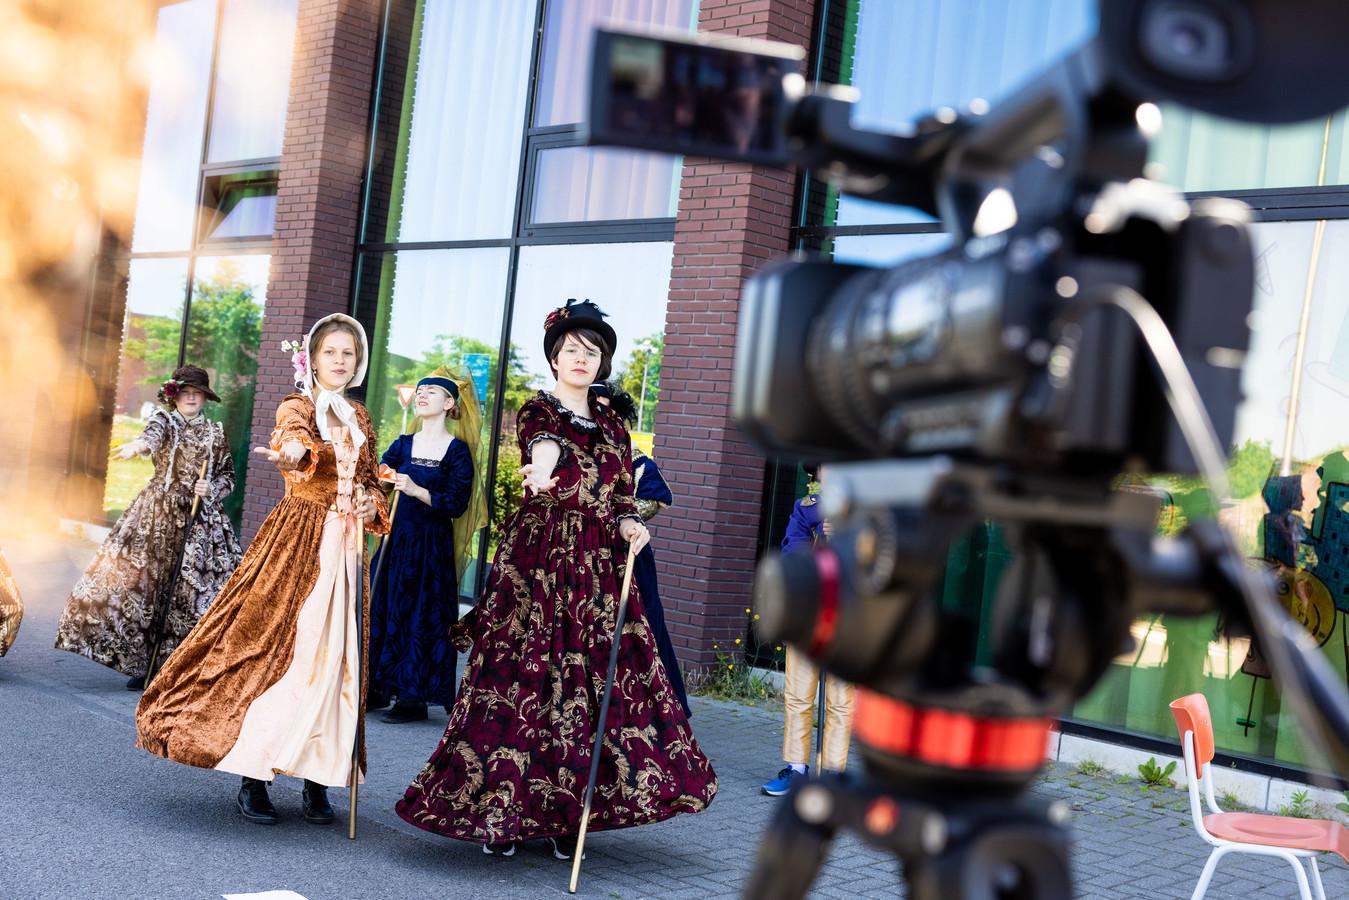 Kiki (l) en Laura (r) tijdens de opnames van een van de scenes van de film 'The Girl Who Didn't Like Musicals'.